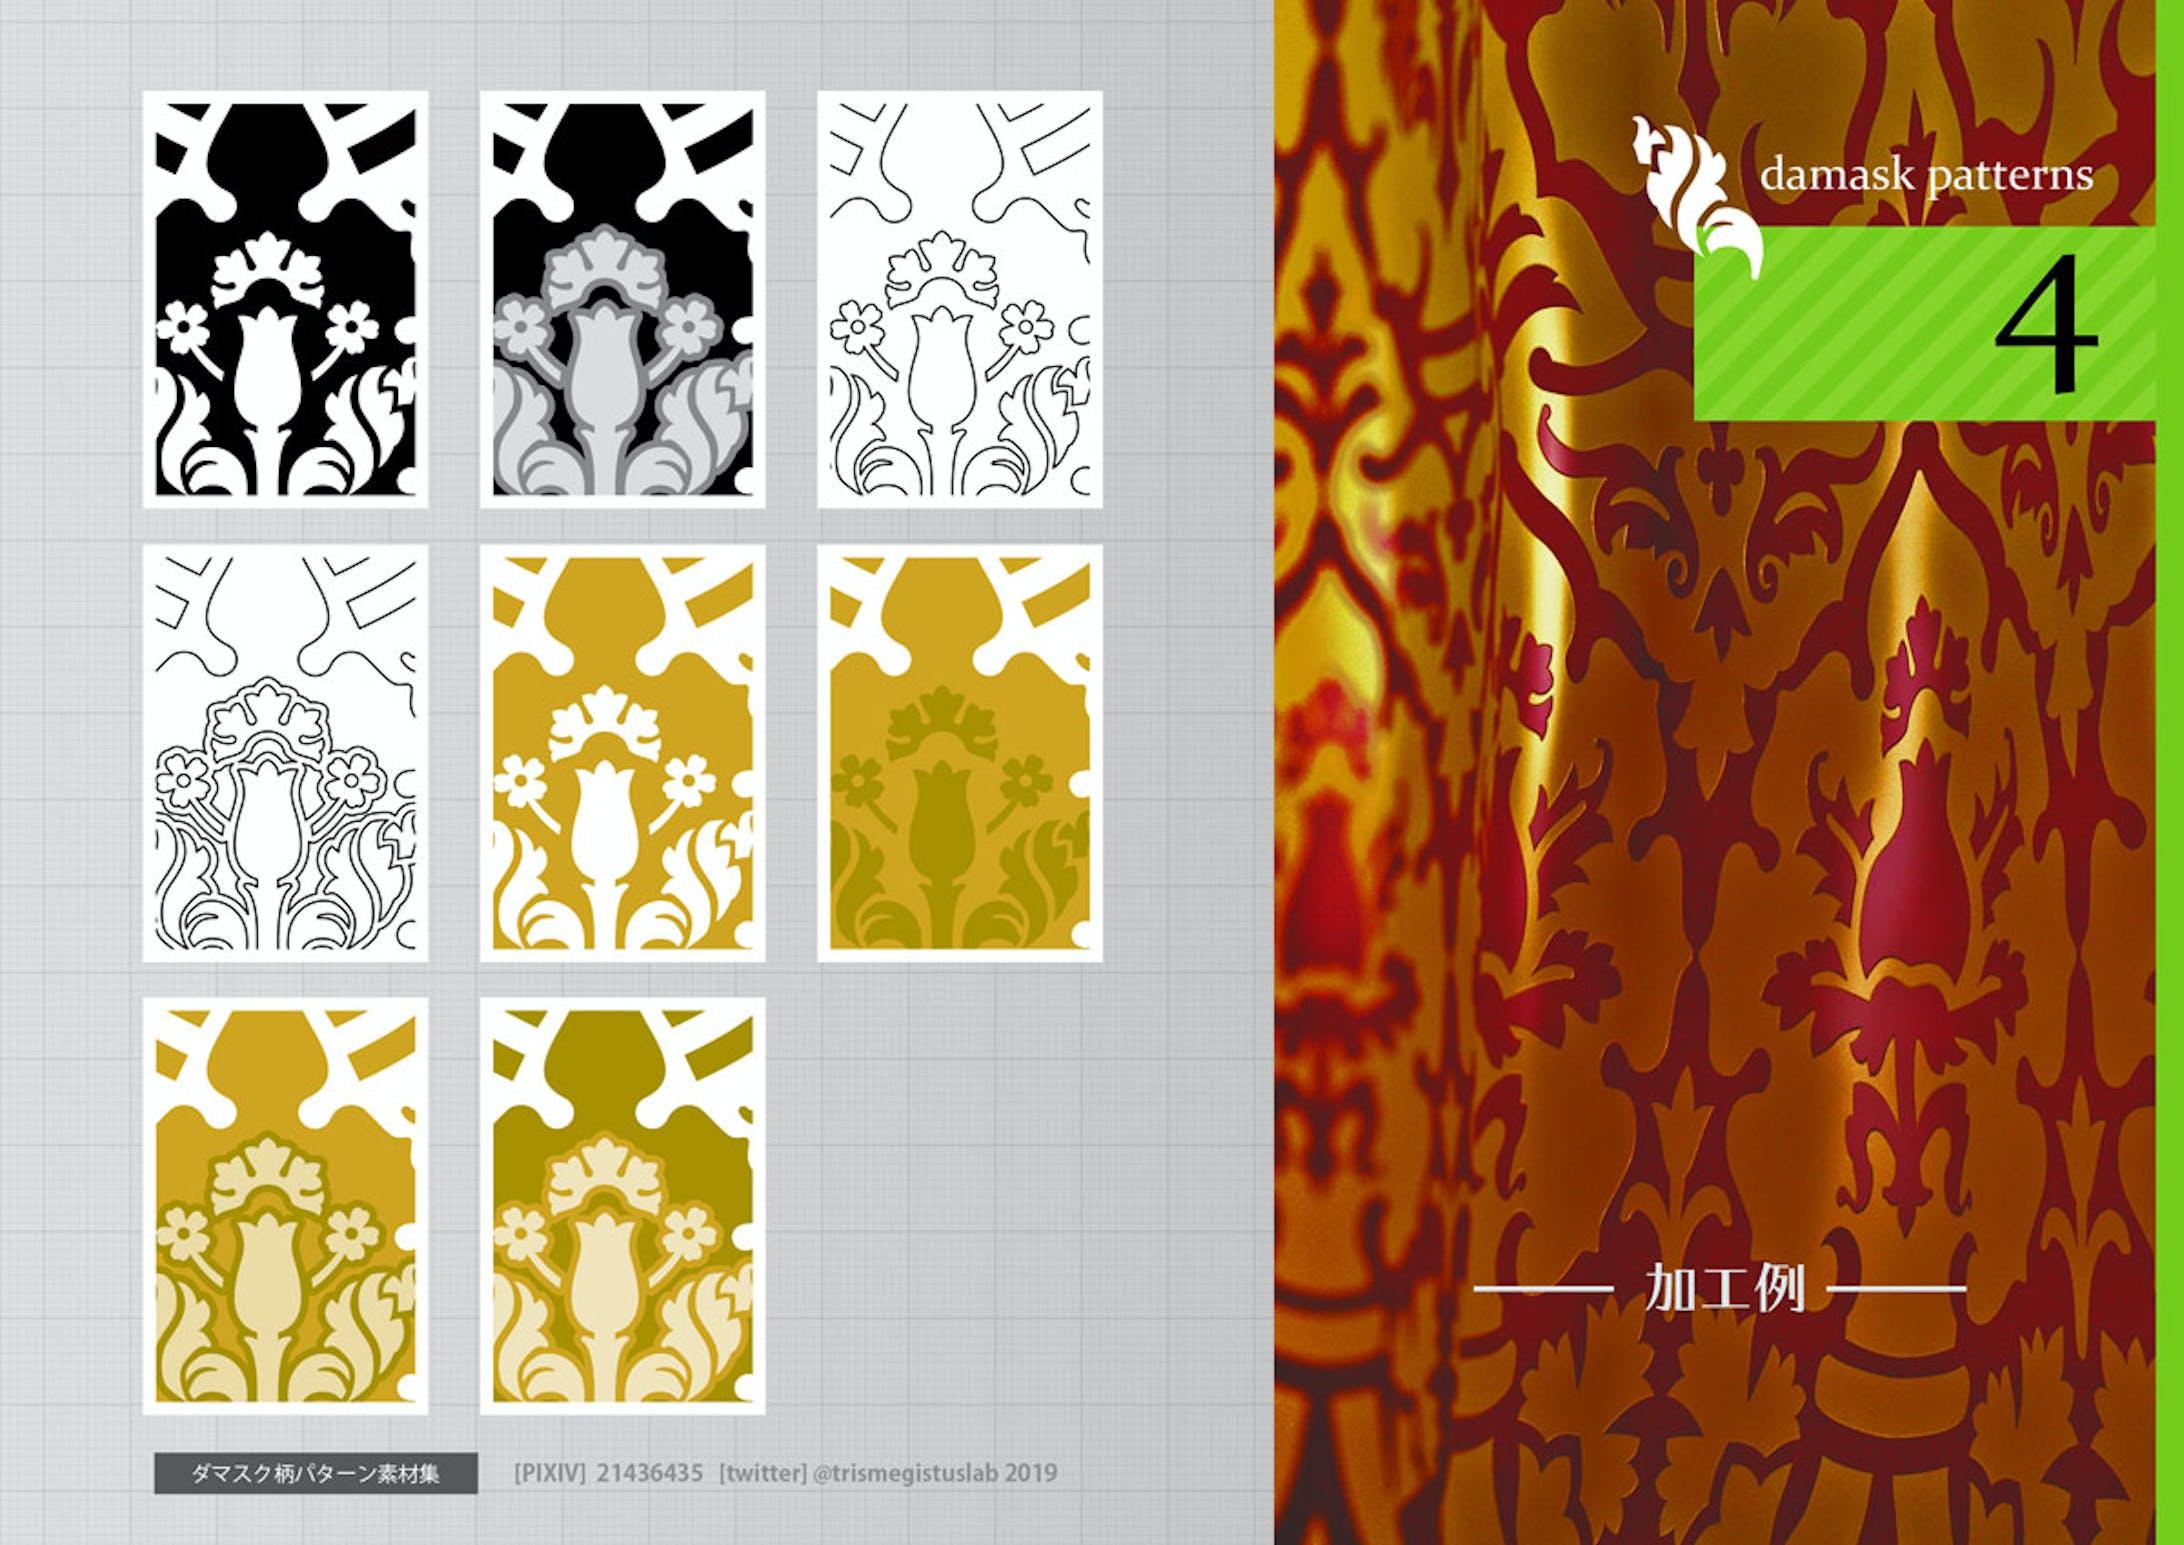 Illustratorでのシームレスパターン作成-5